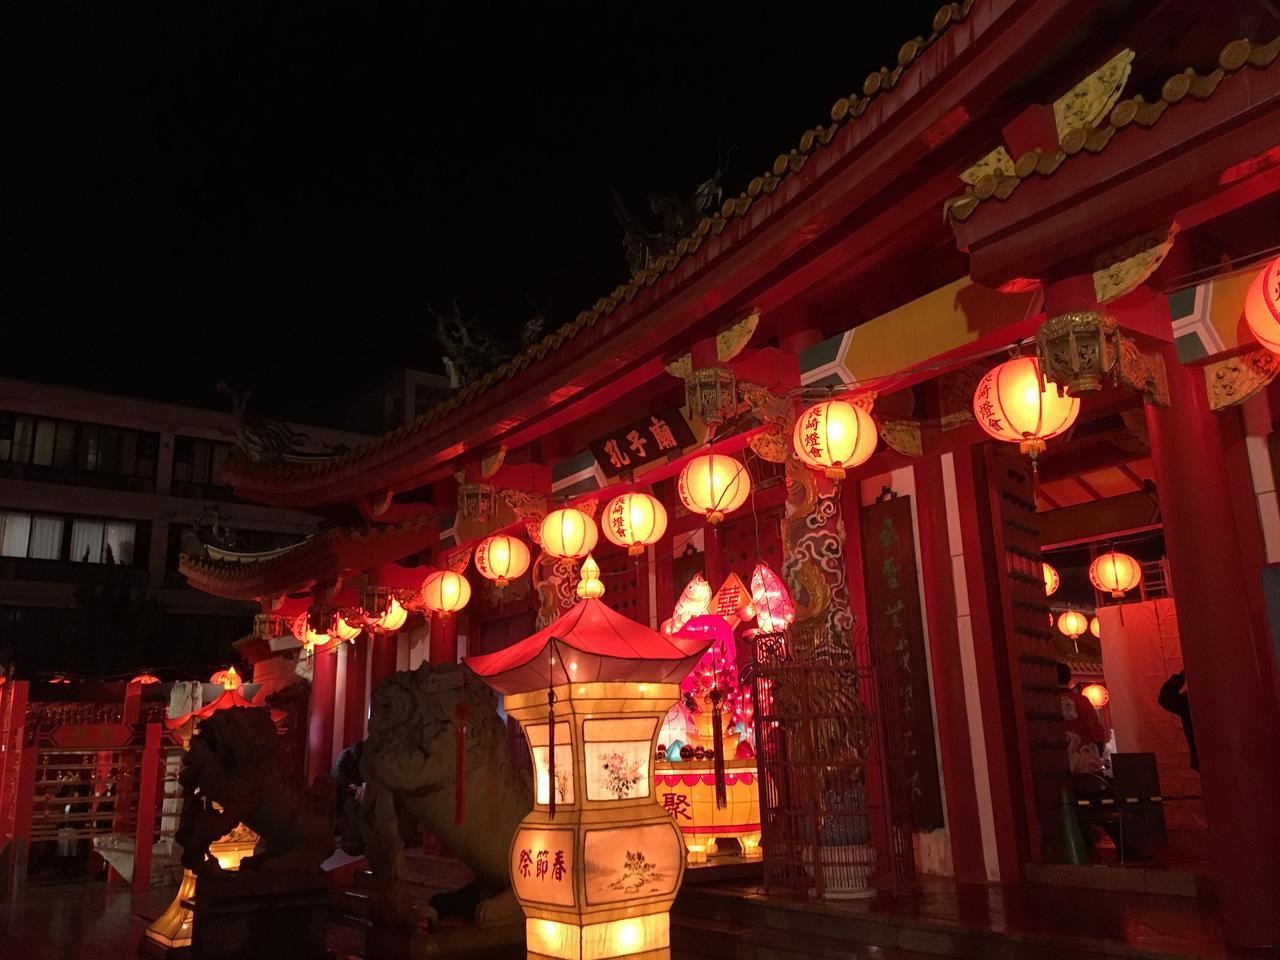 画像1: 【国内旅行・地域47の旅】第6回 長崎孔子廟ライトアップと中国伝統芸貸切鑑賞